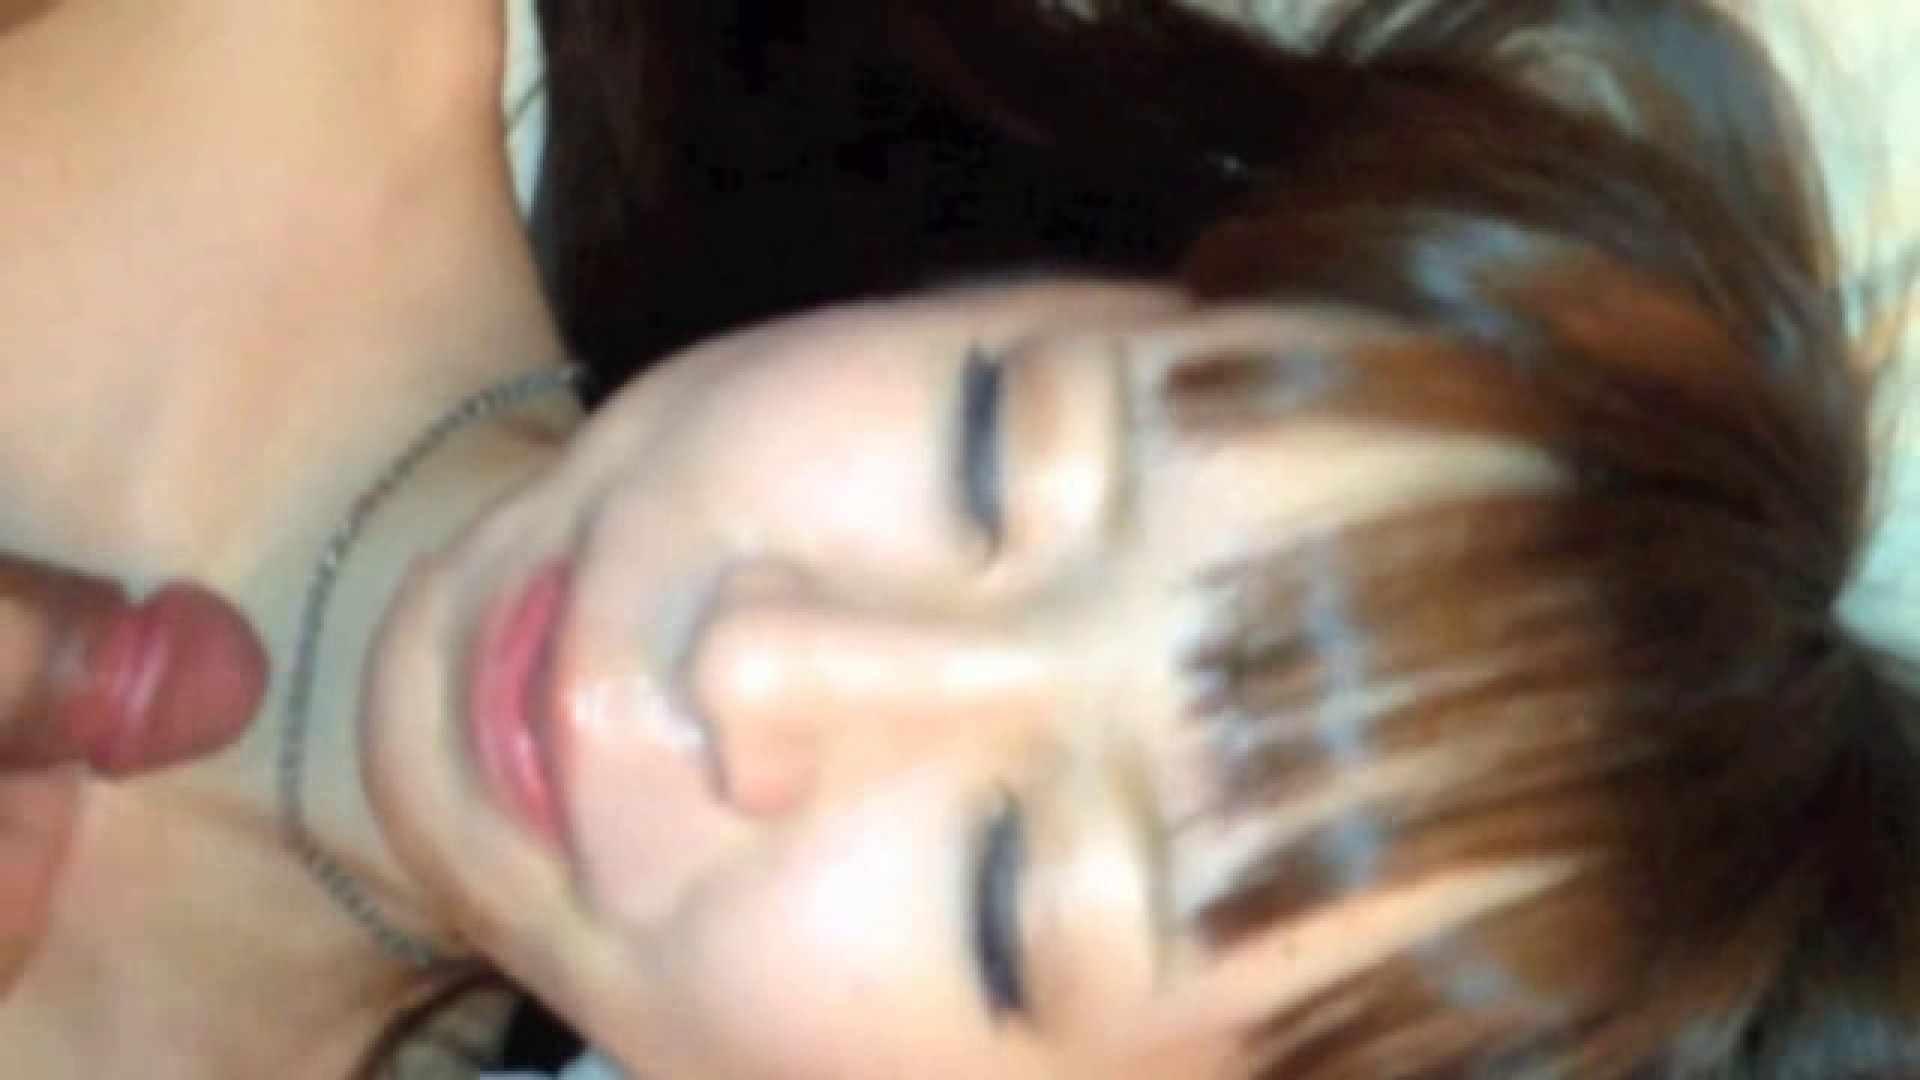 ドラゴン2世 チャラ男の個人撮影 Vol.18 超かわいい彼女 ゆいか 18才 Part.09 未公開4作品 セックスエロ動画  105PIX 86